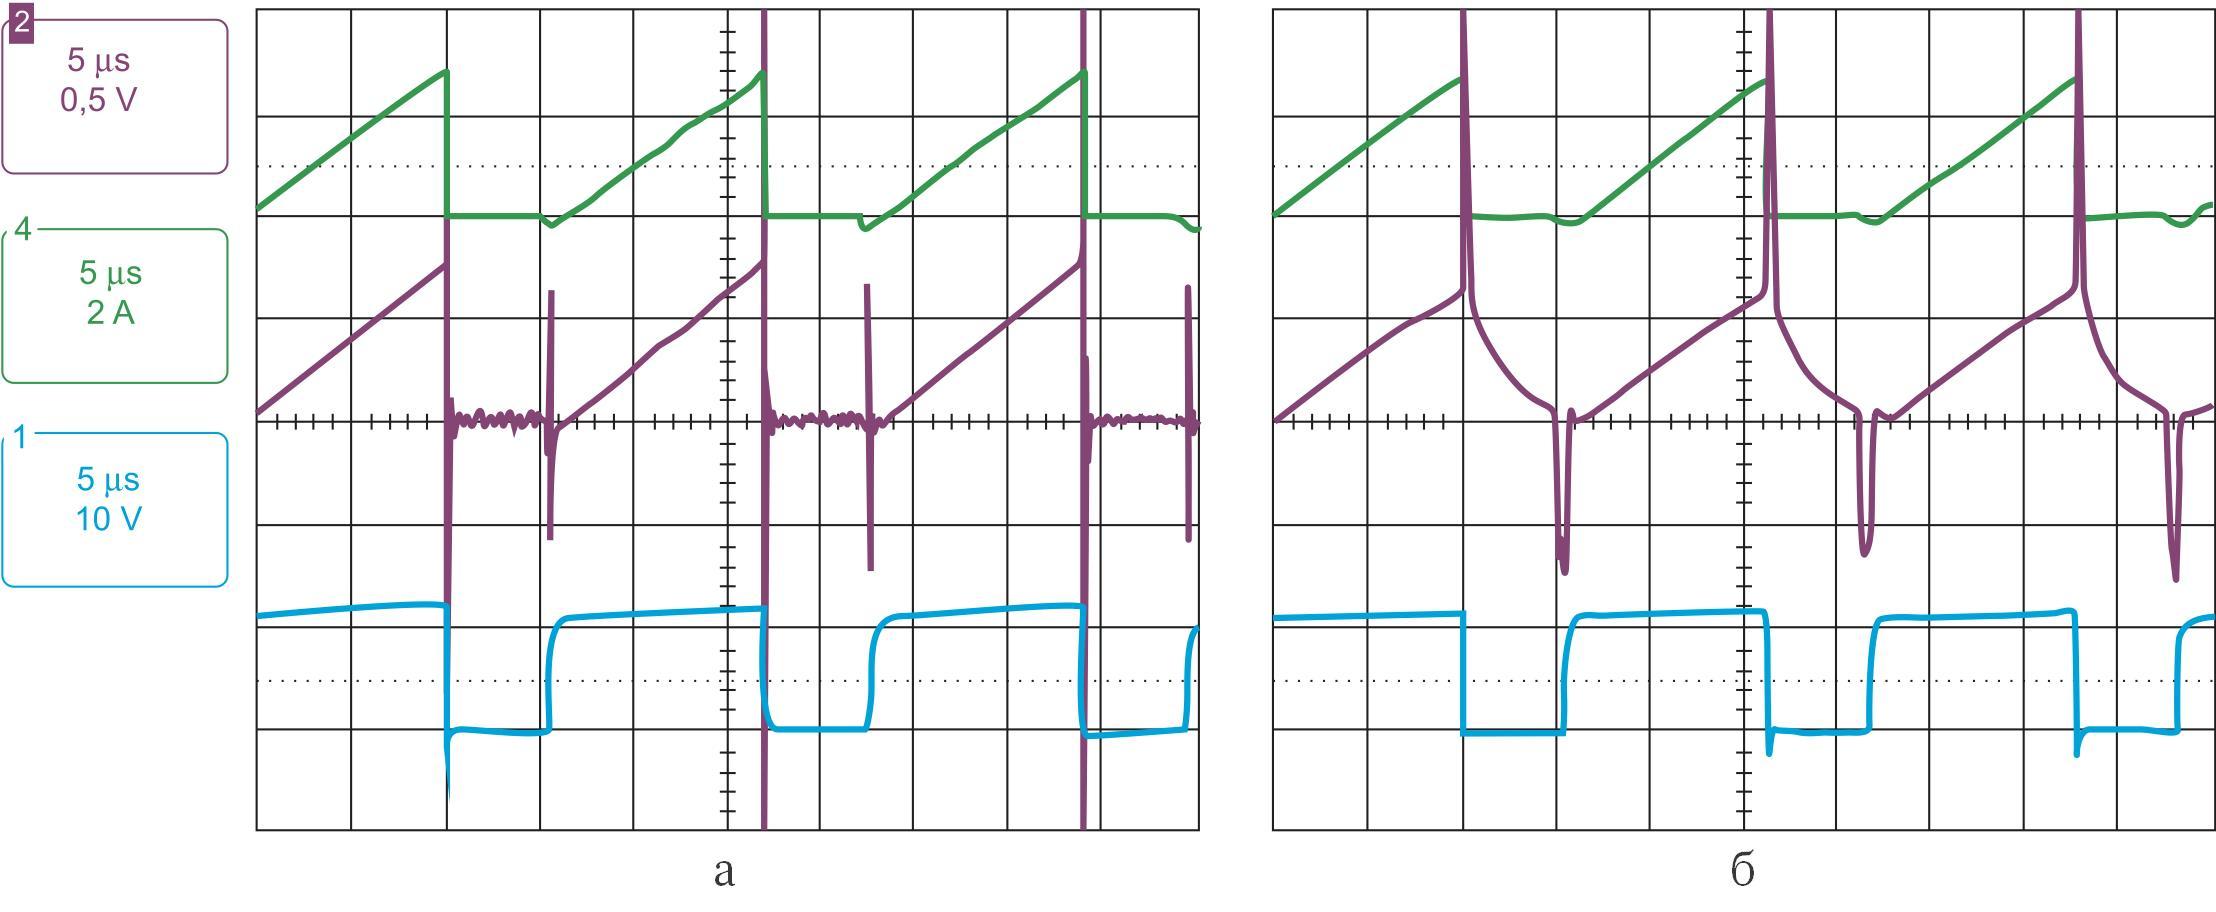 Осциллограммы сигналов двух схем измерения тока